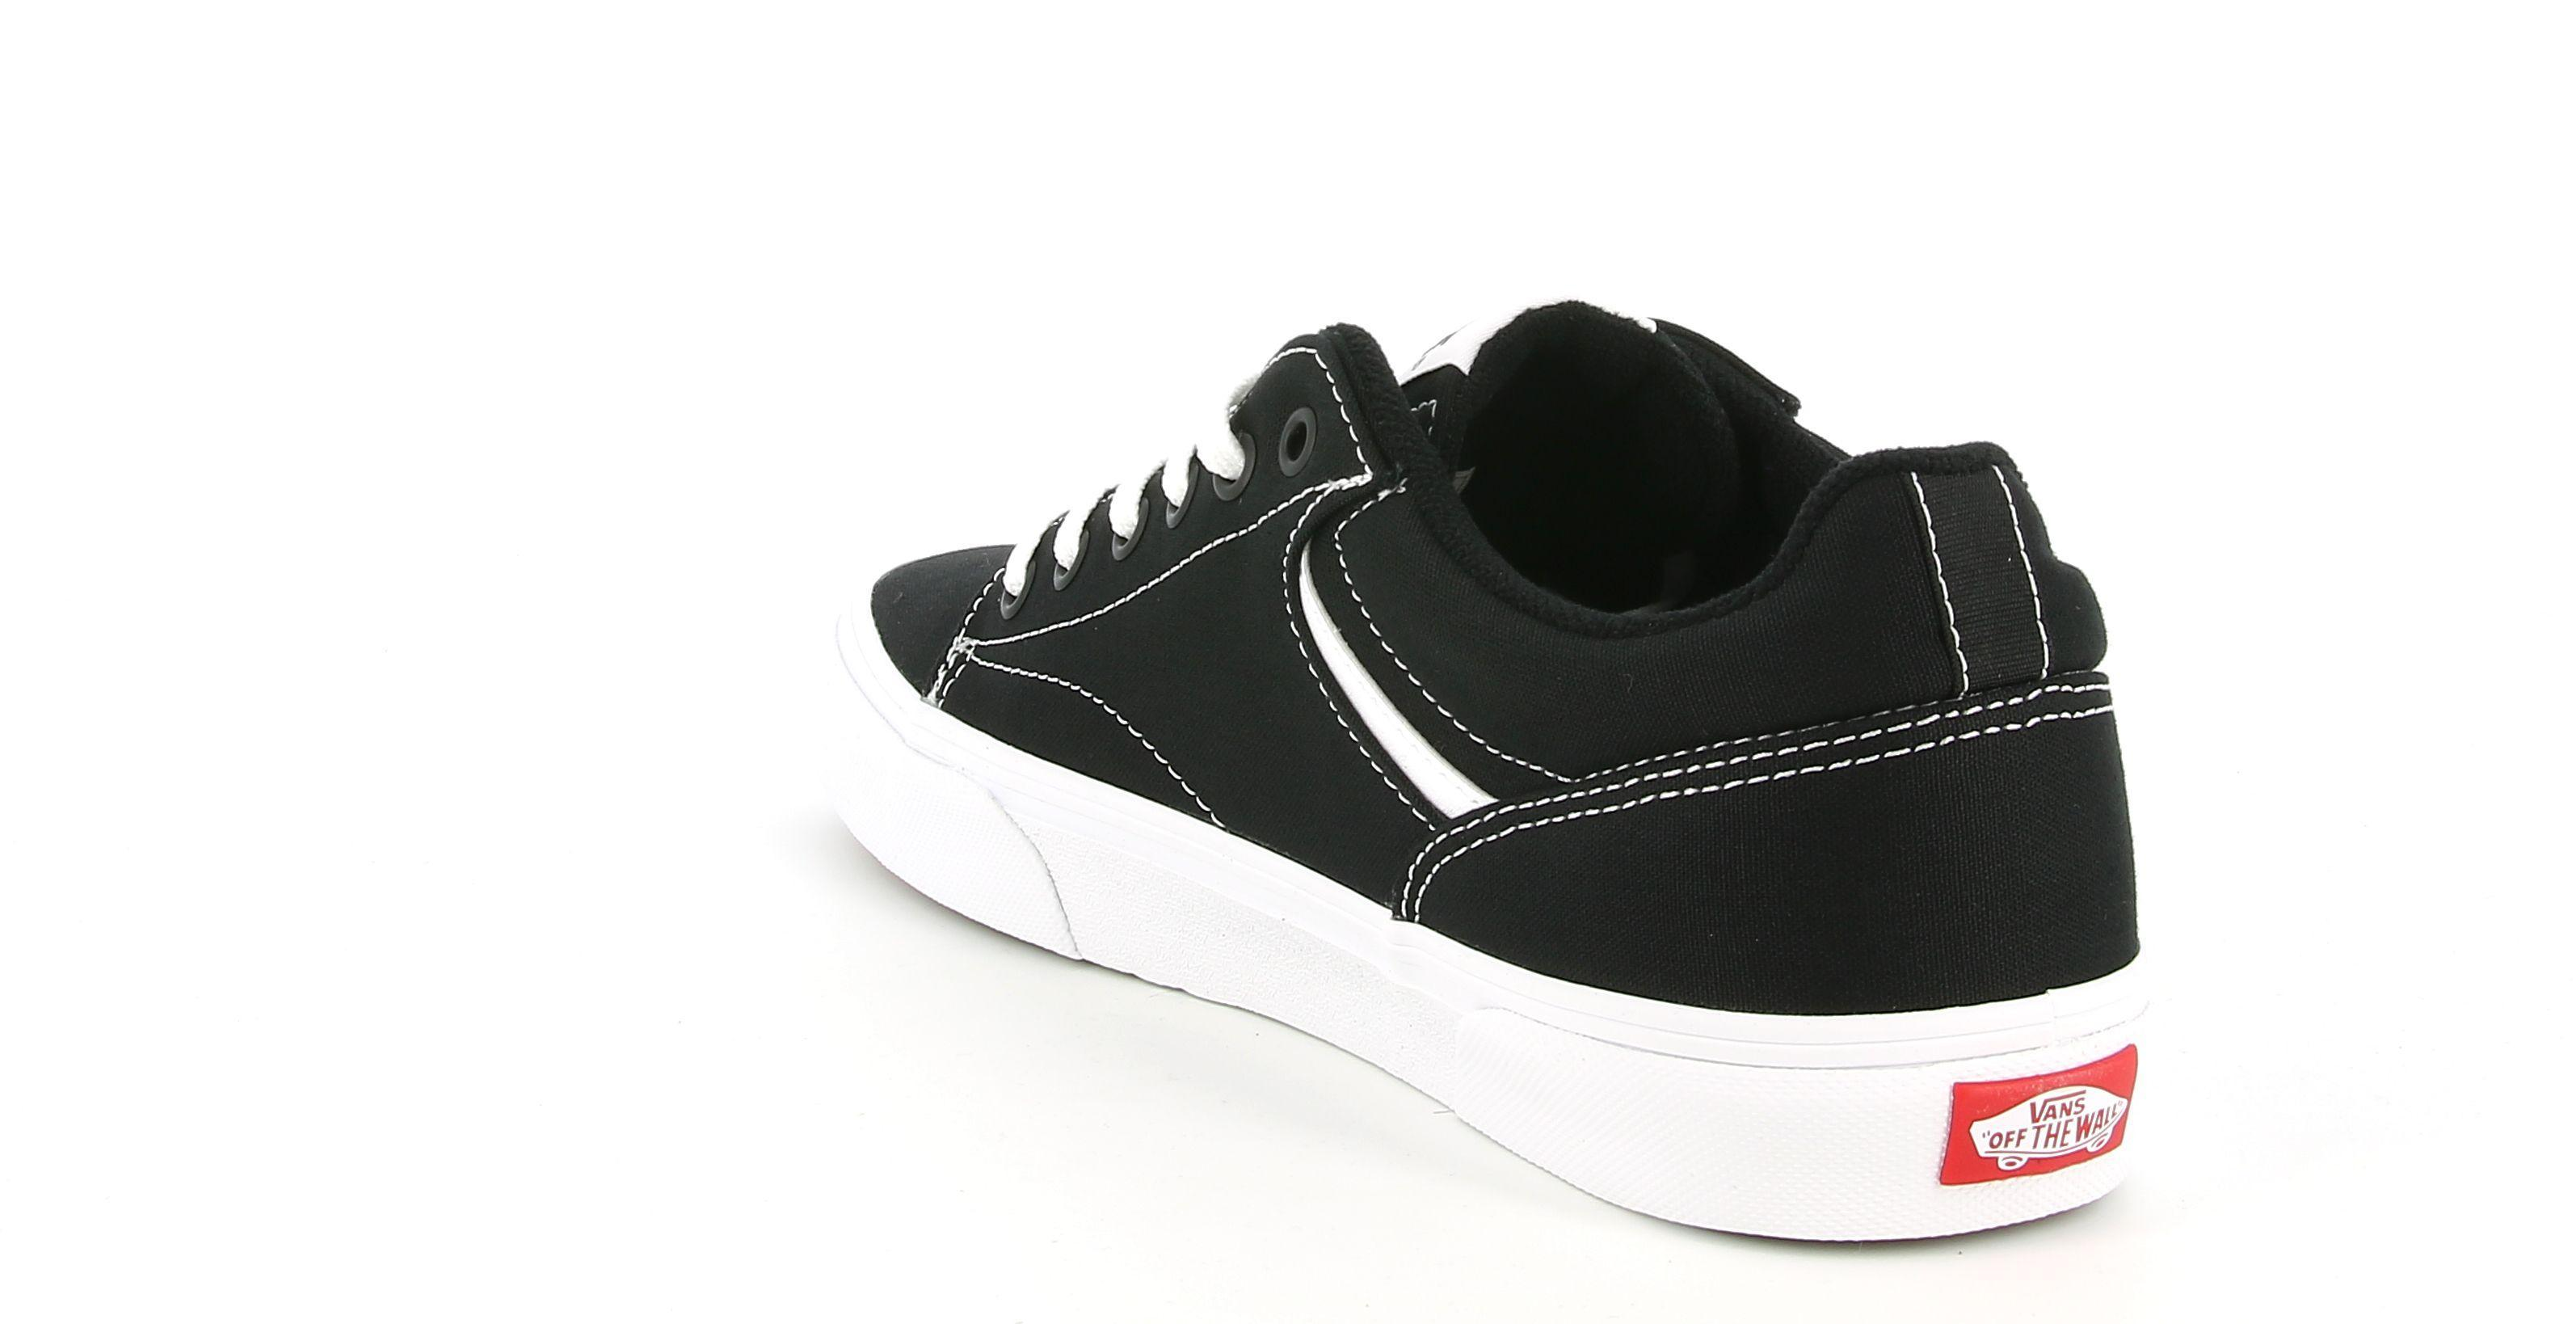 vans vans vn0a4tze1871 seldan sneakers bassa da uomo nera e bianca